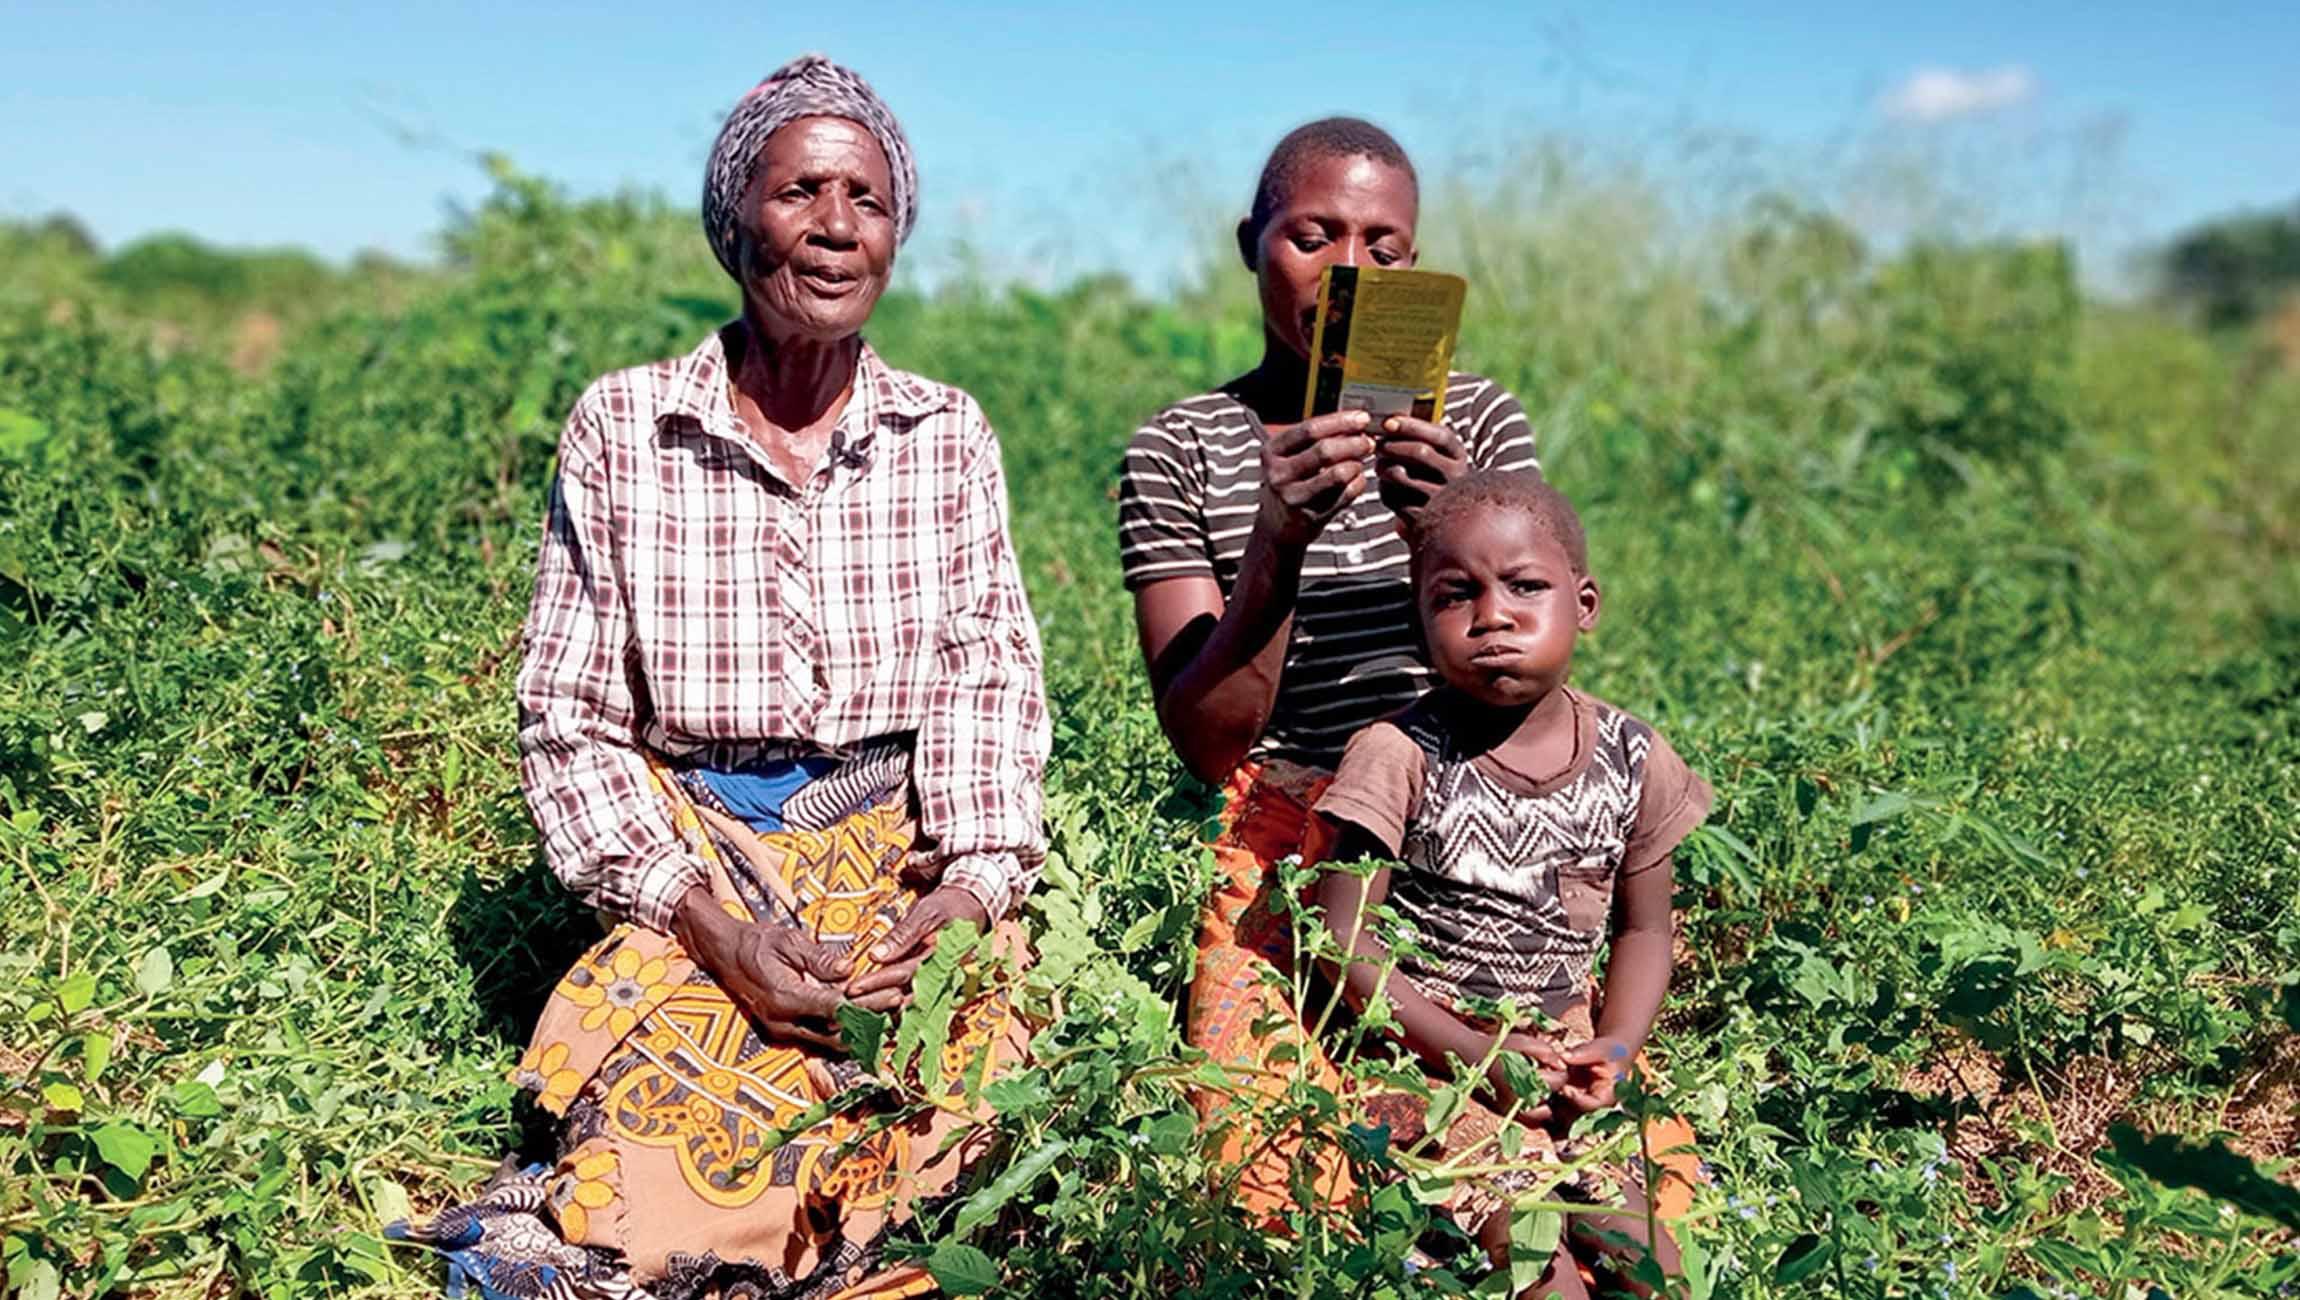 Beatrize con su hija y nieta, 3 generaciones de agricultoras mozambiqueñas